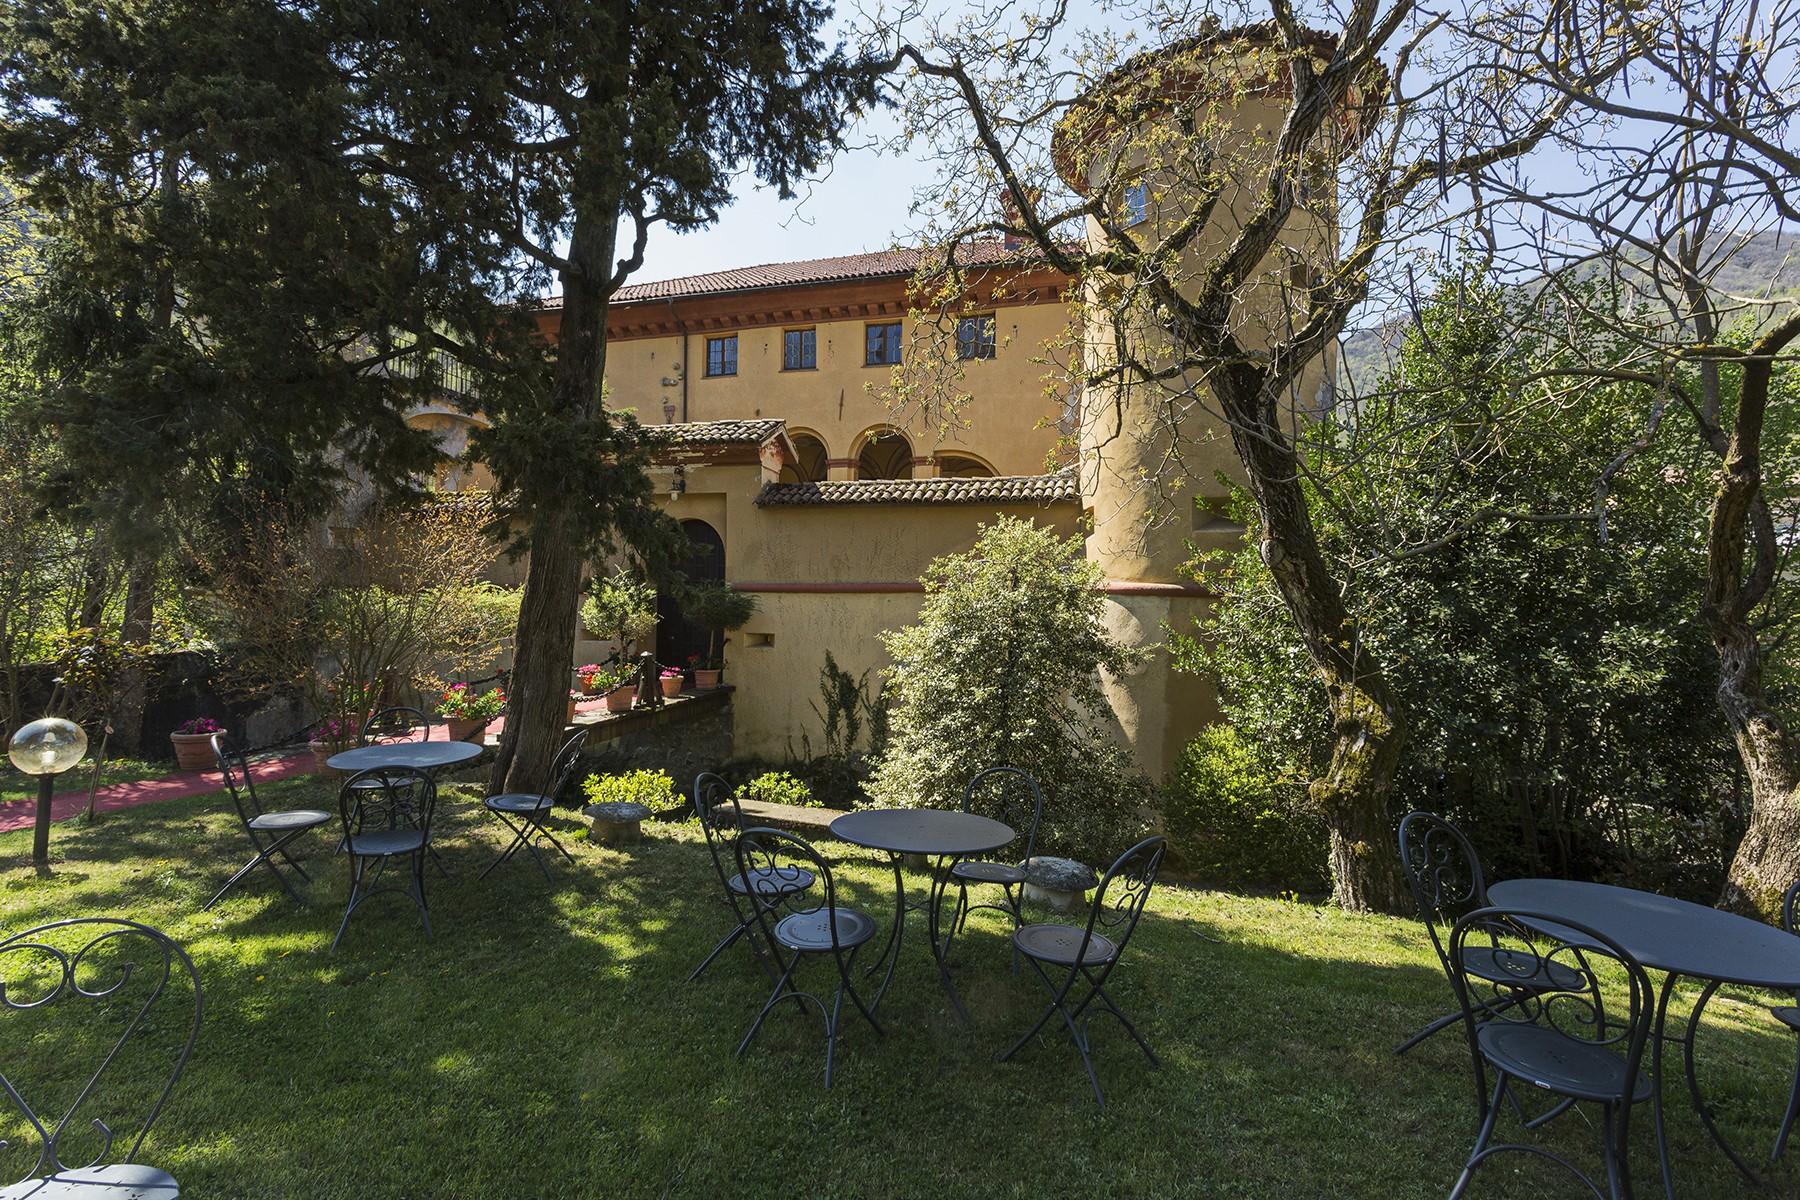 Palazzo in Vendita a Isola Del Cantone: 5 locali, 900 mq - Foto 3